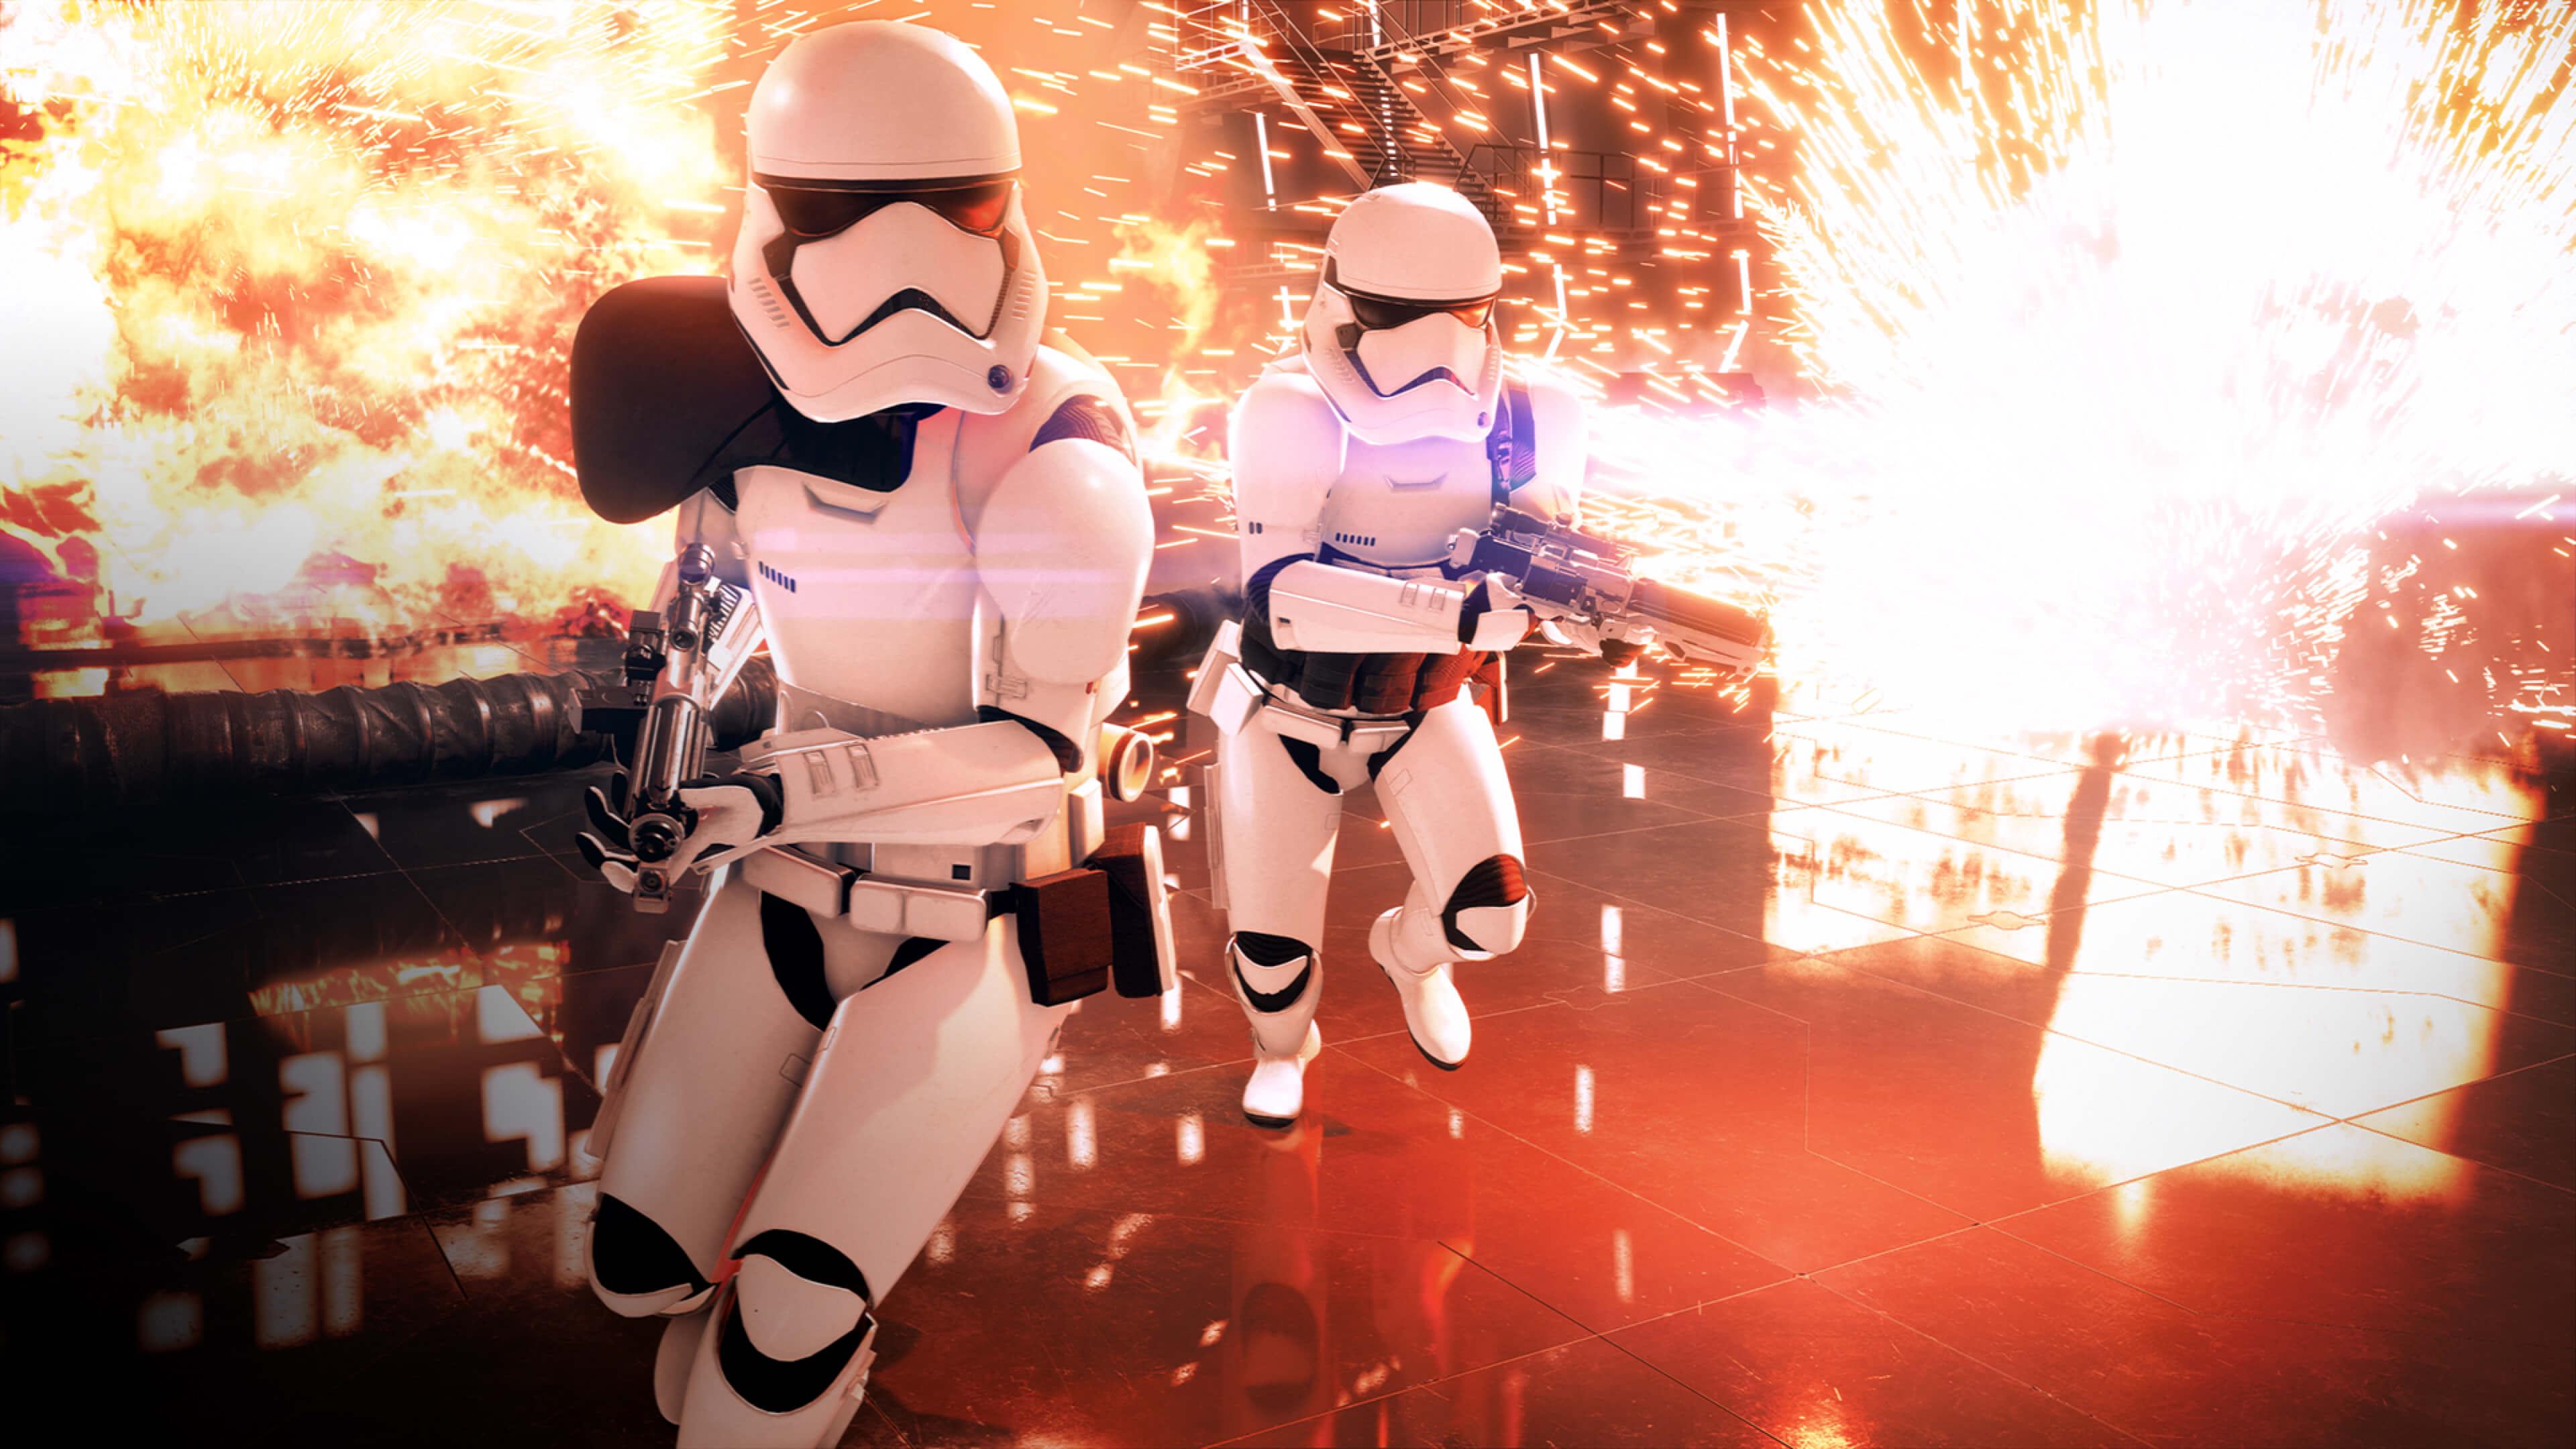 První trailer láká na Star Wars: Battlefront 2, hra vyjde 17. listopadu 142275